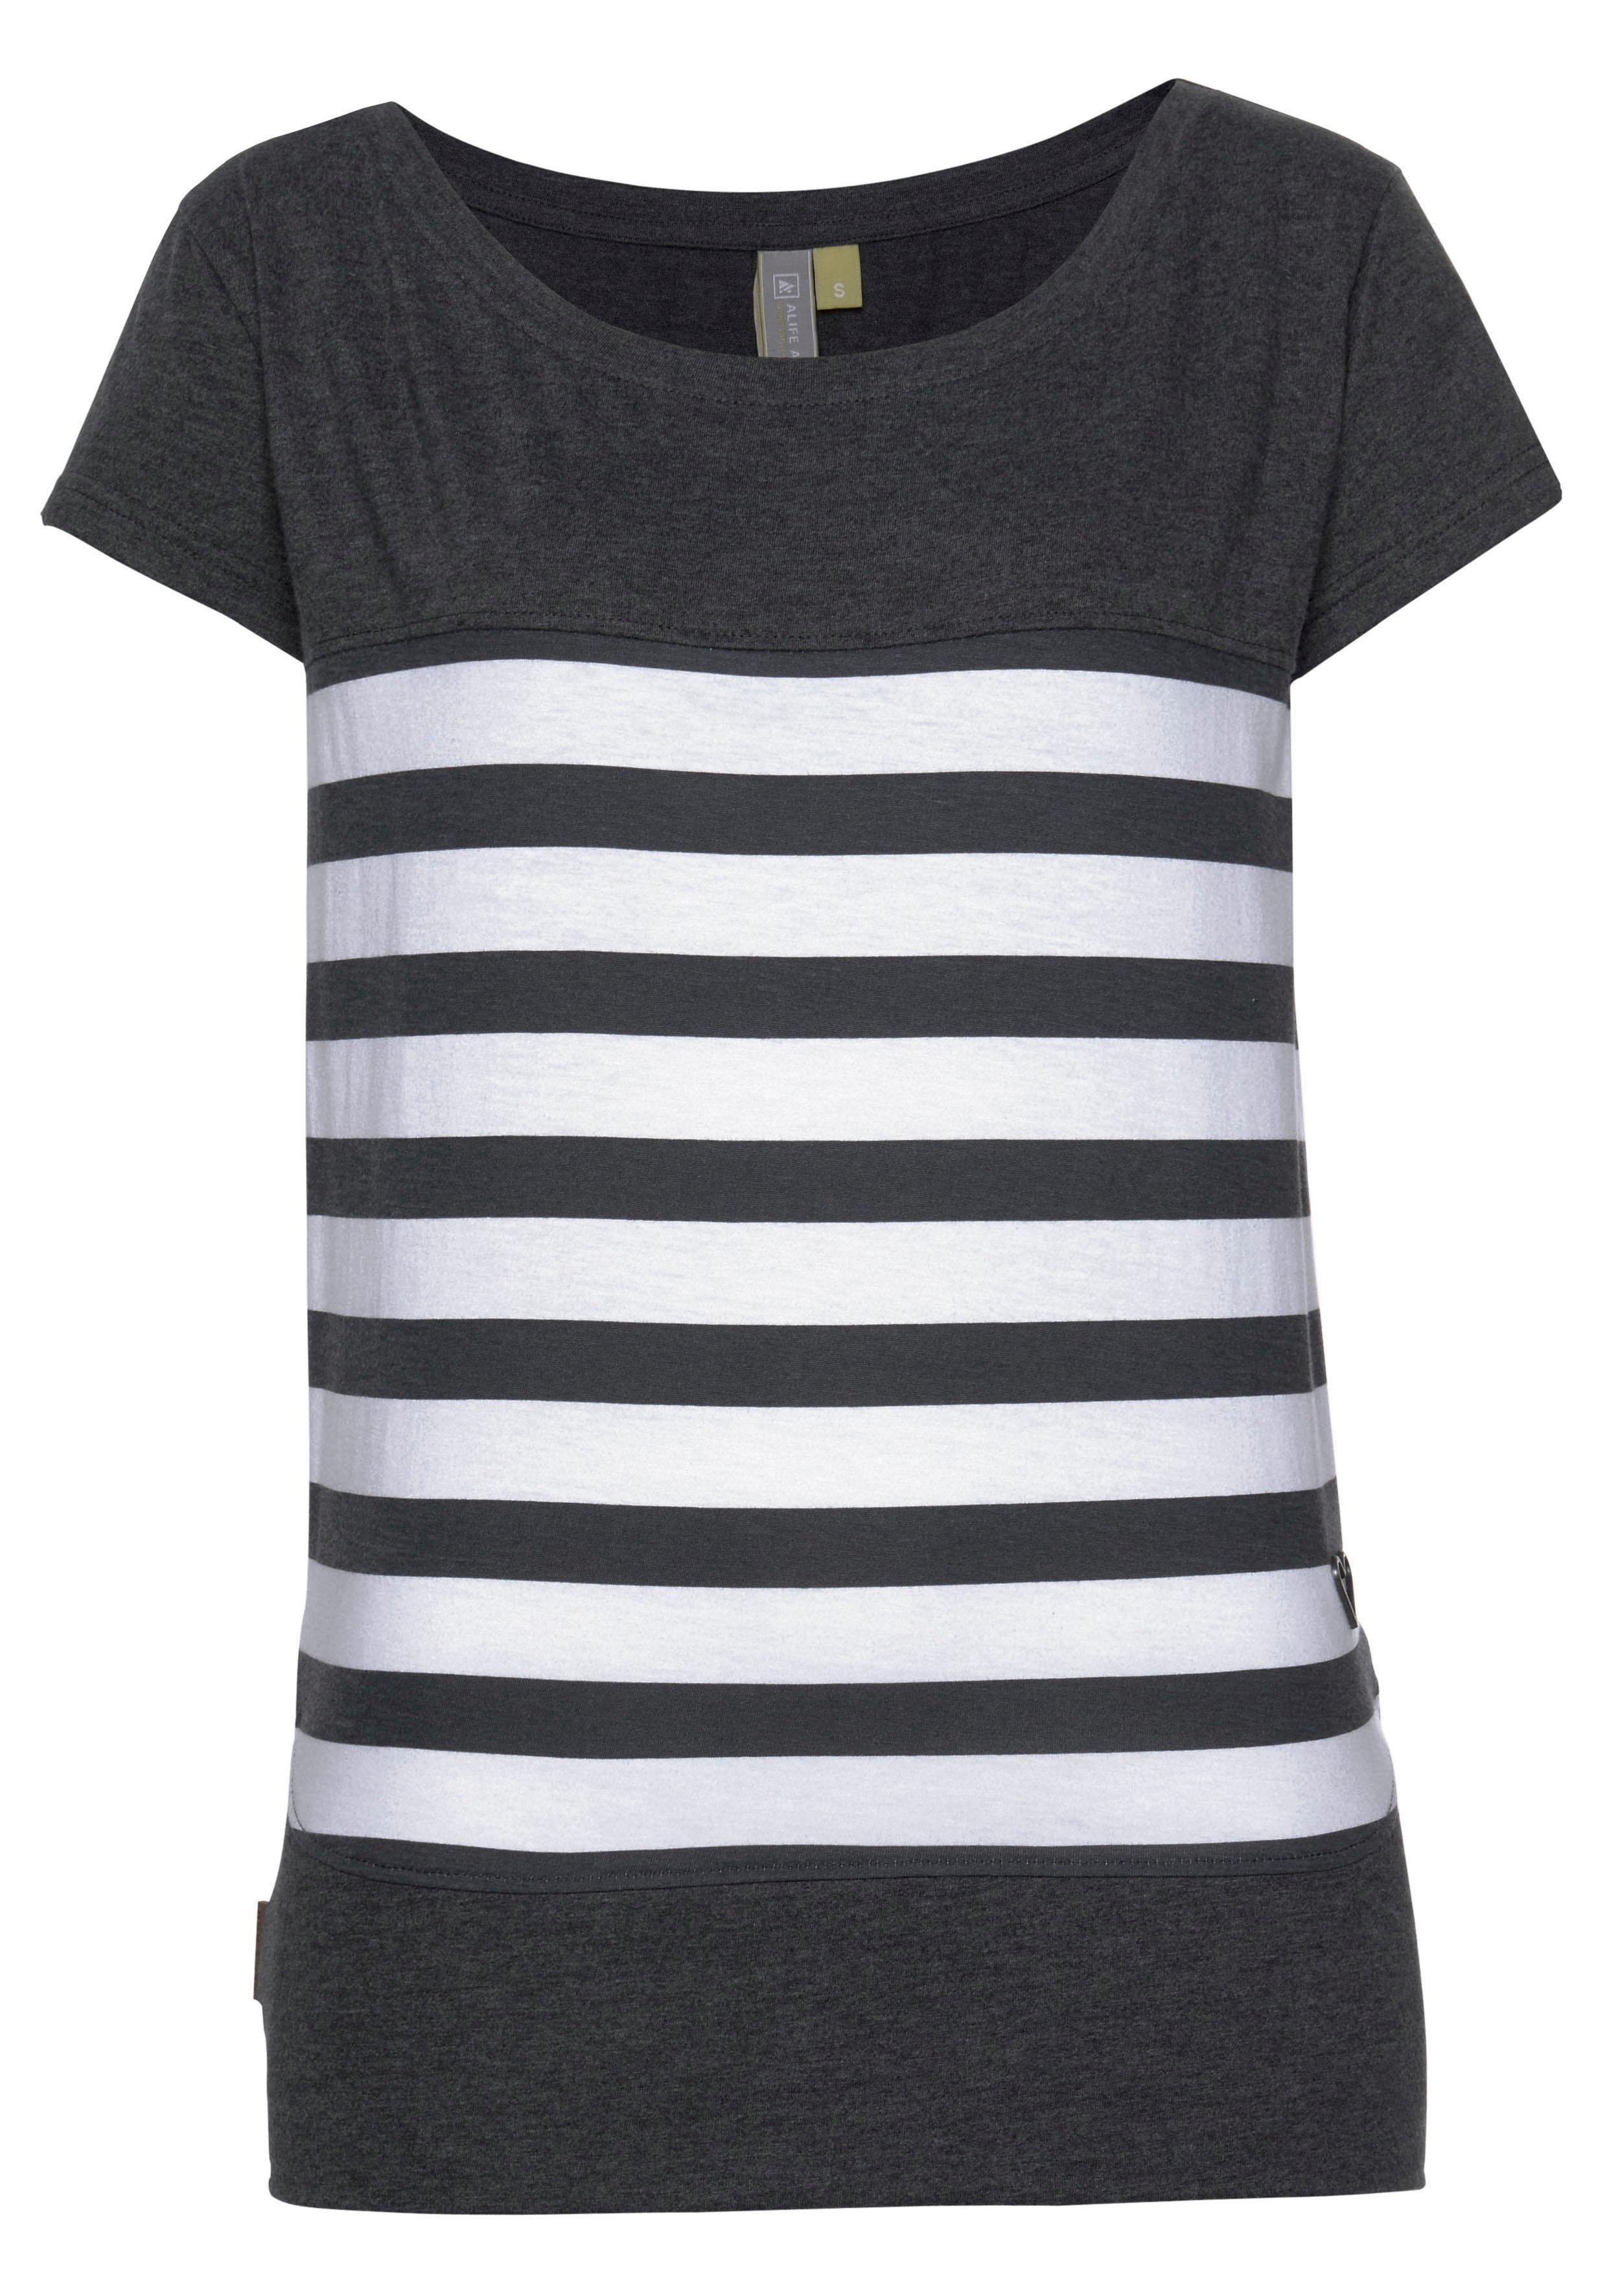 Alife And Kickin T-shirt »CORA S« bestellen: 14 dagen bedenktijd